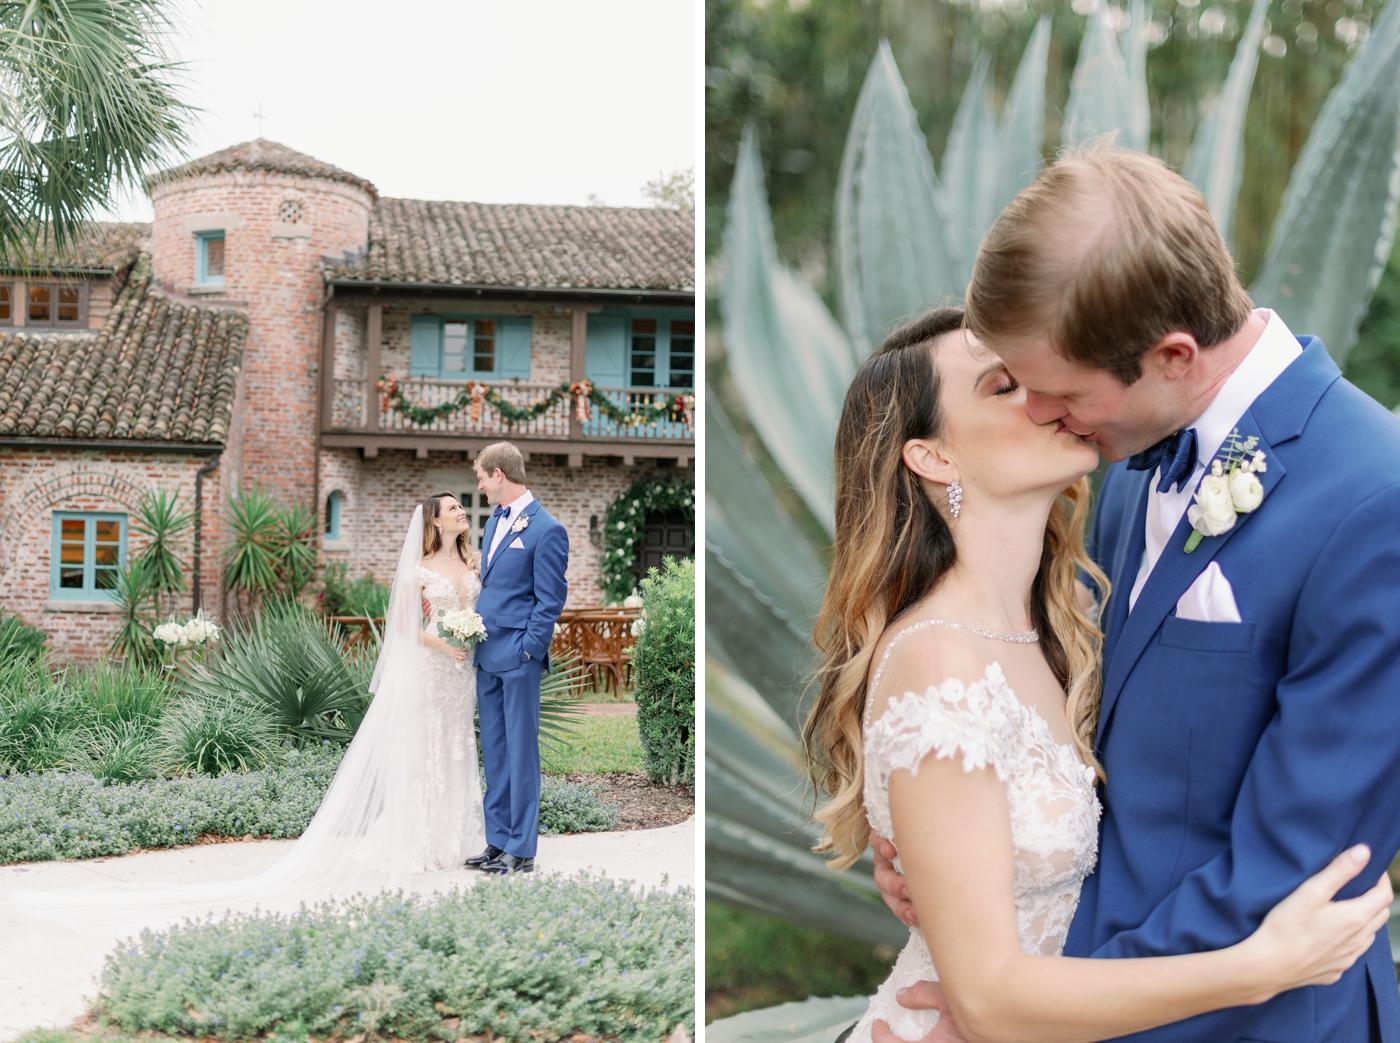 casa feliz bride and groom